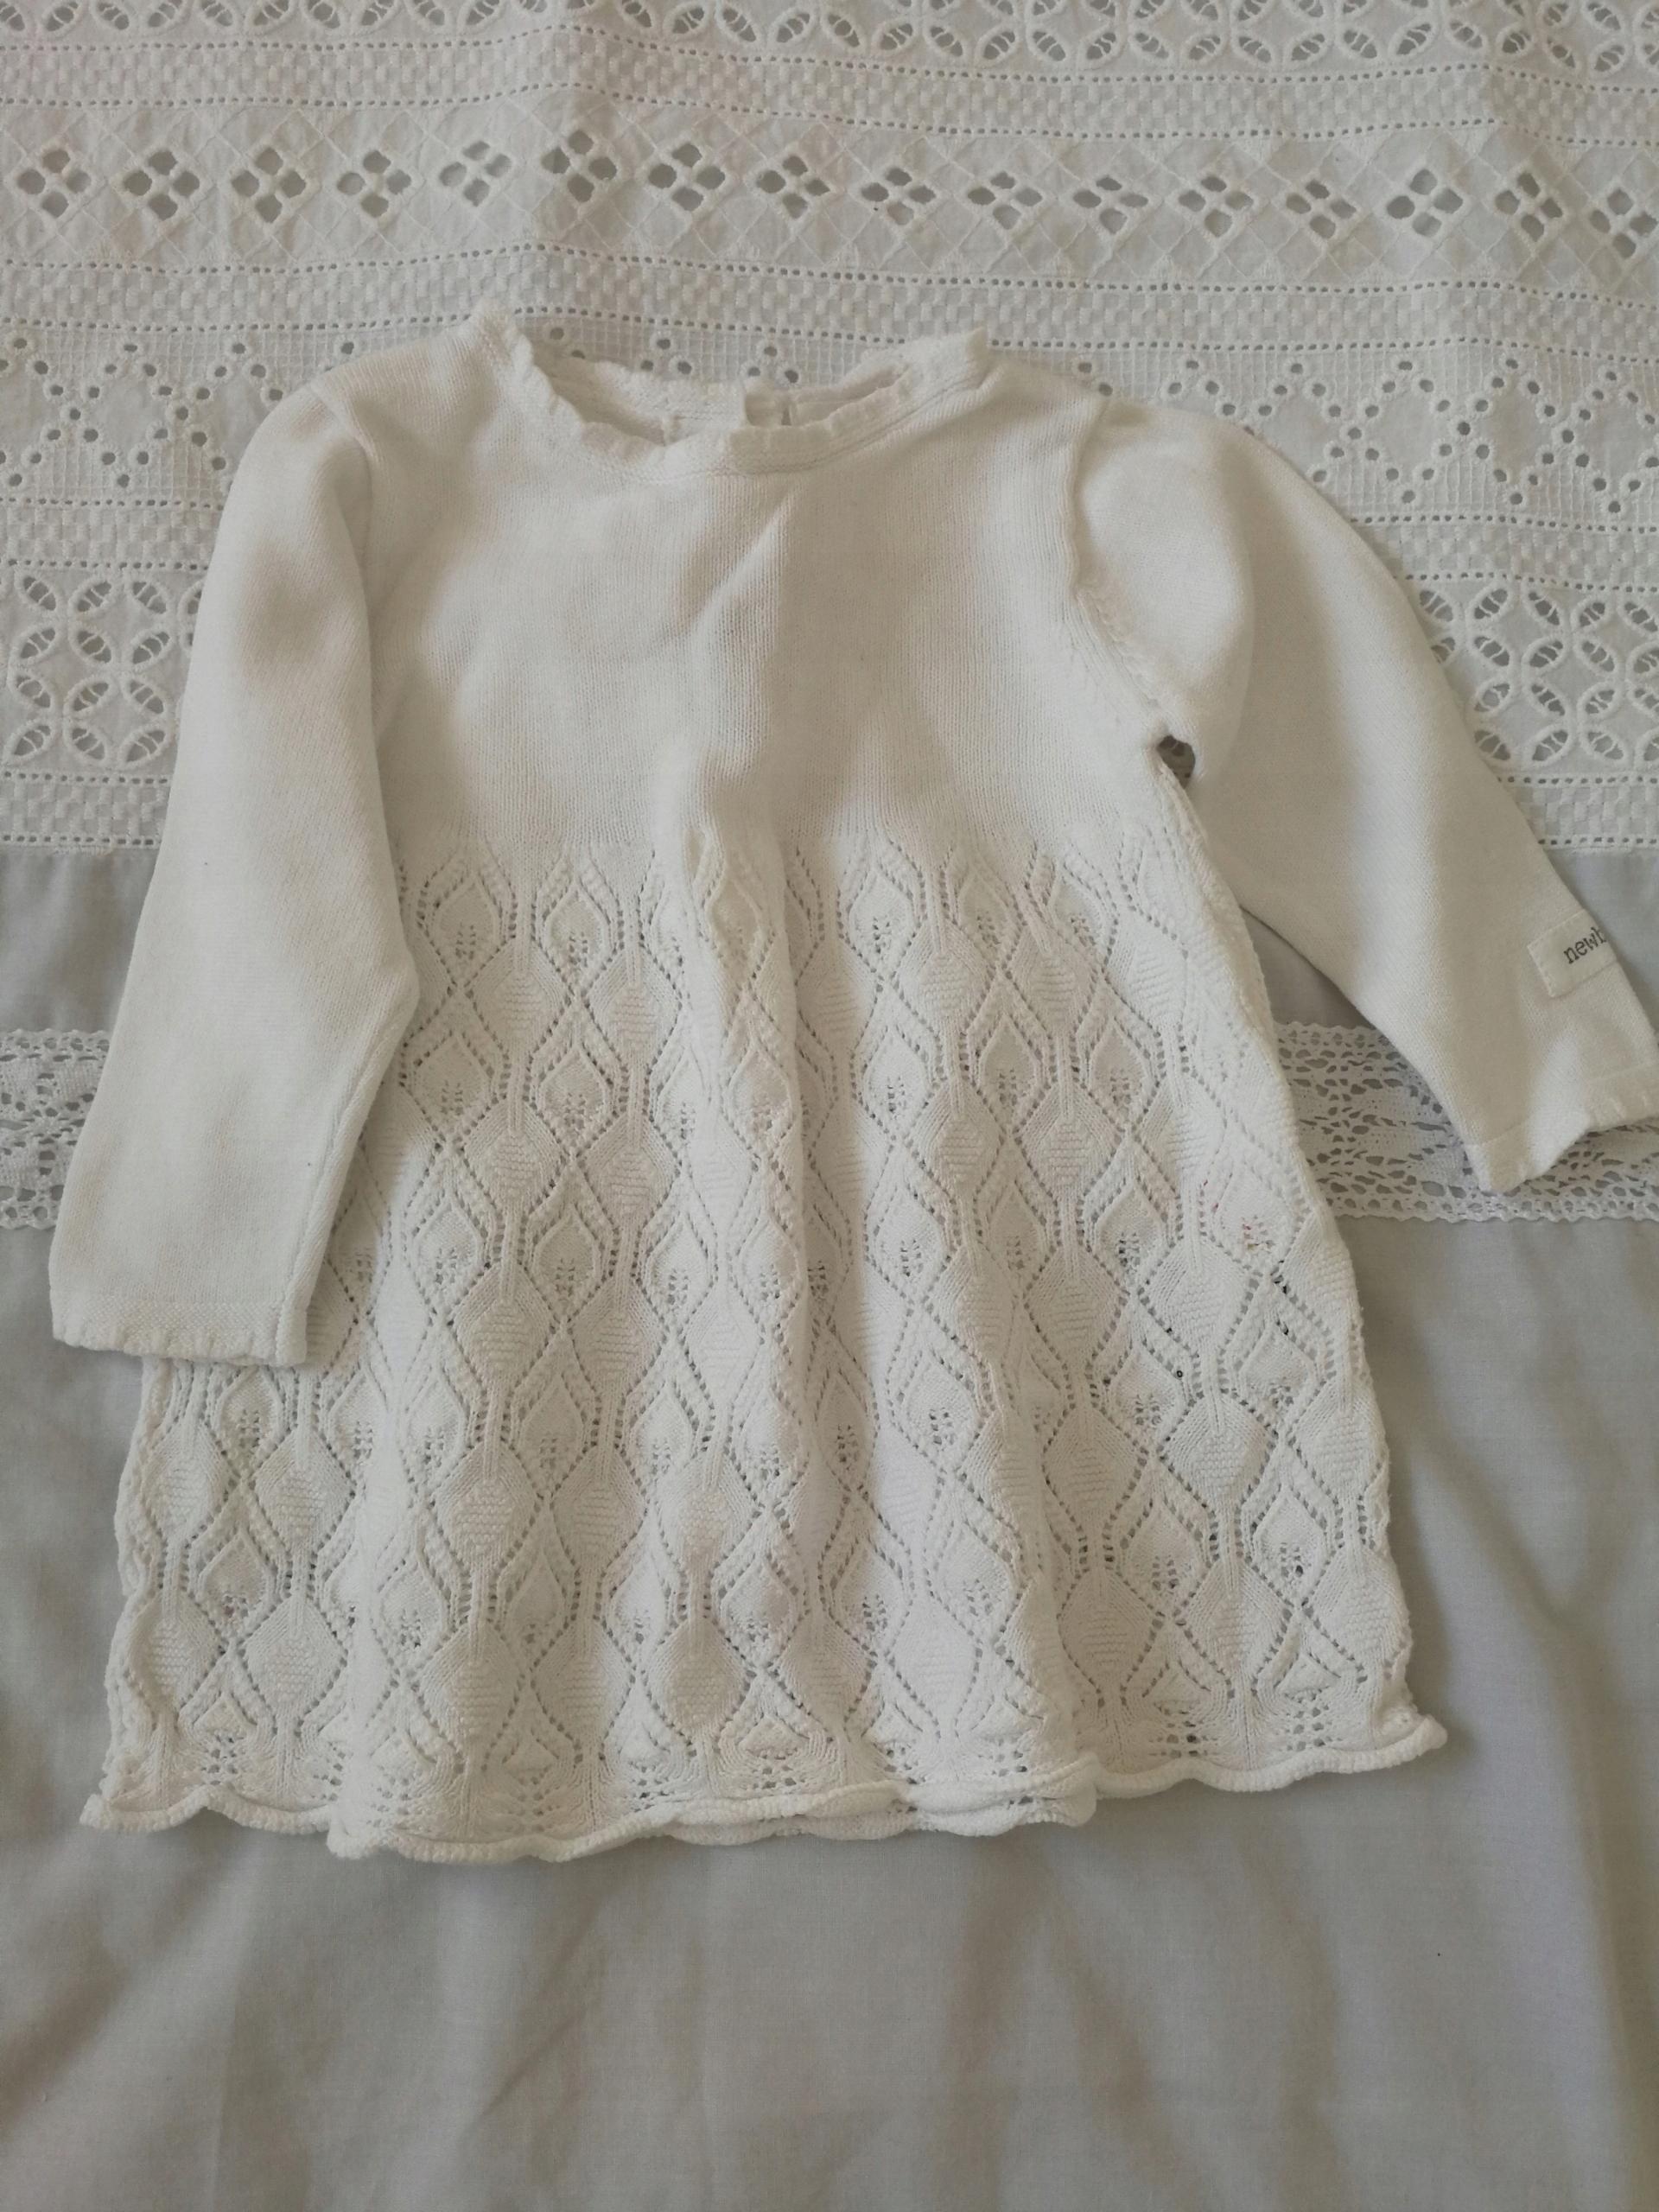 dfdbdd80aa Biała sukienka KappAhl Newbie roz. 62 - 7605640233 - oficjalne ...